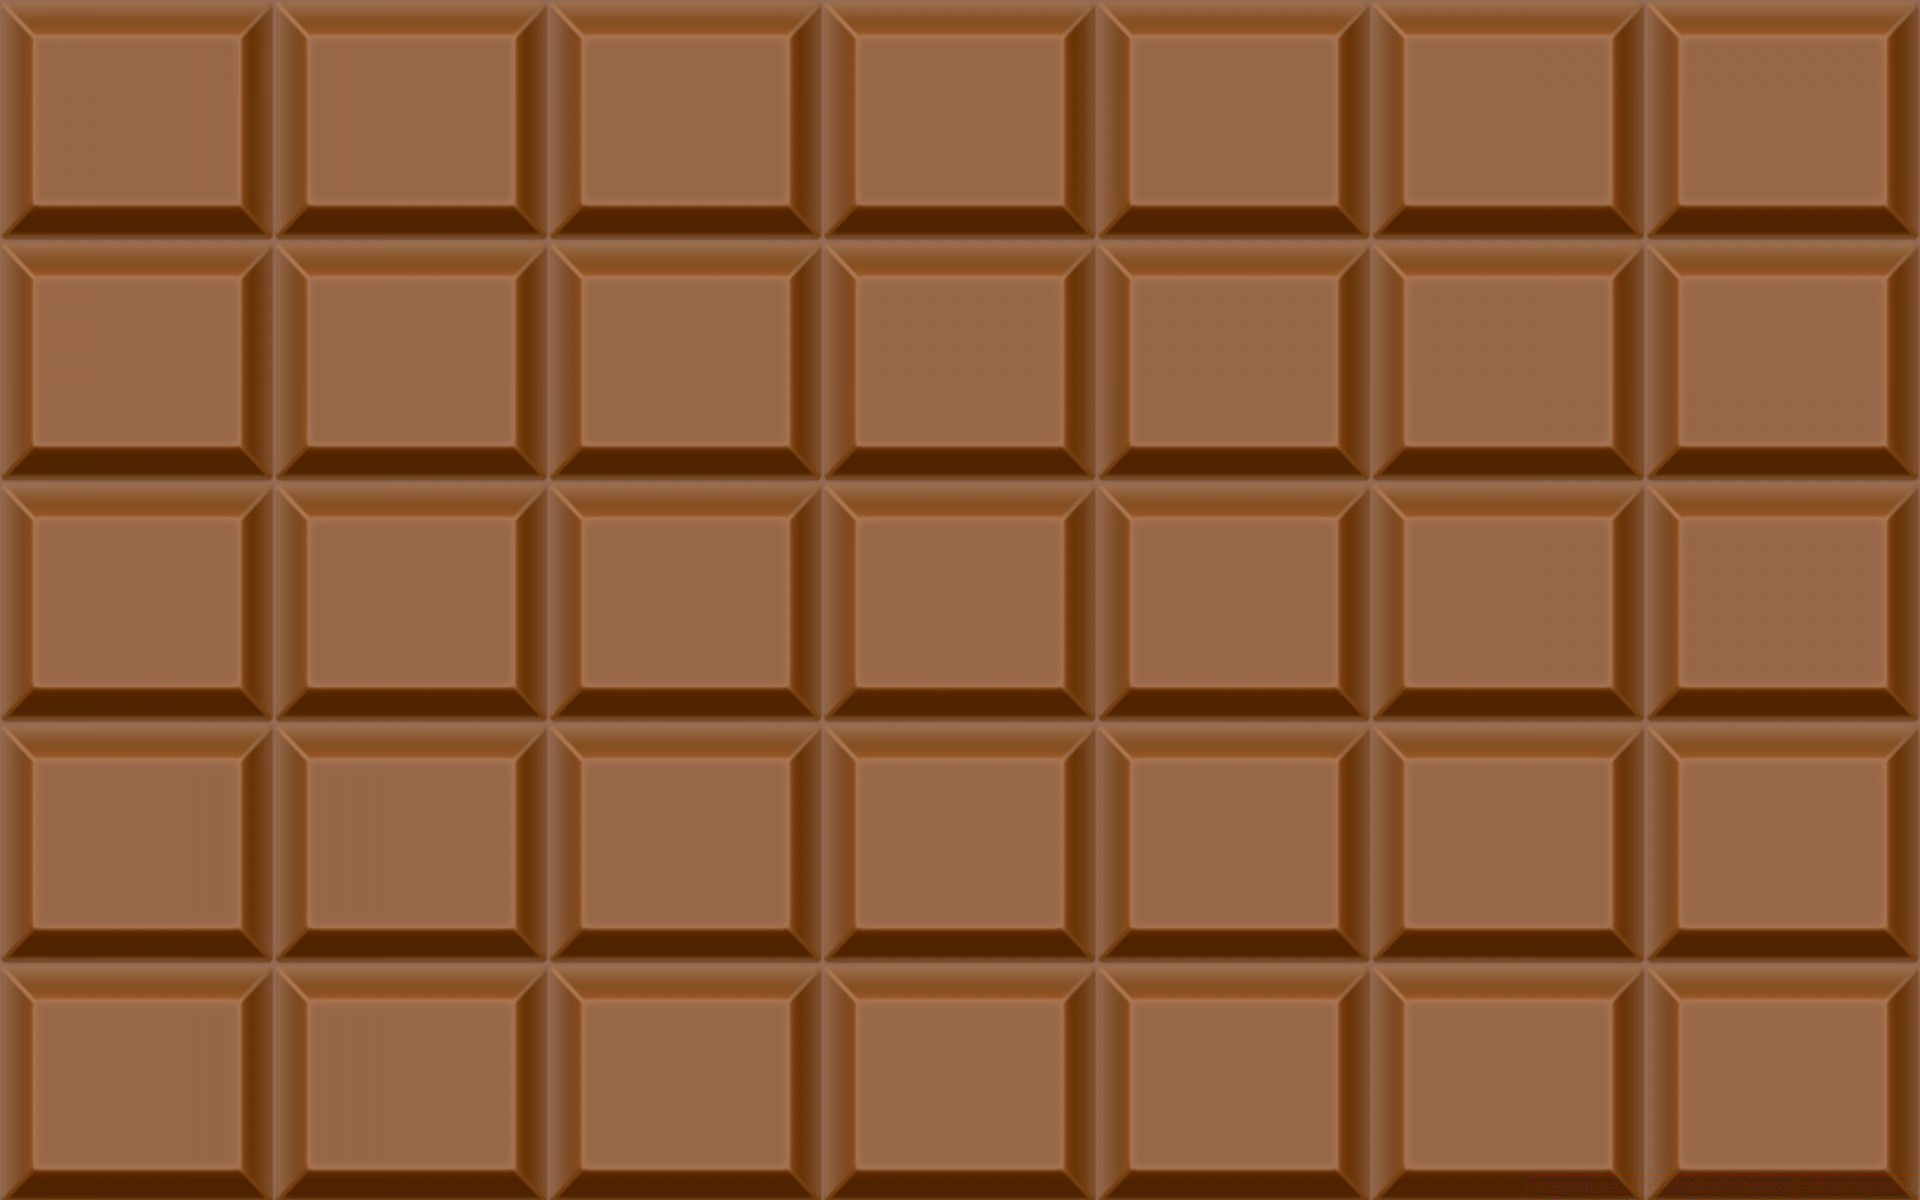 плитка шоколада картинка на прозрачном фоне родного любимого спешим